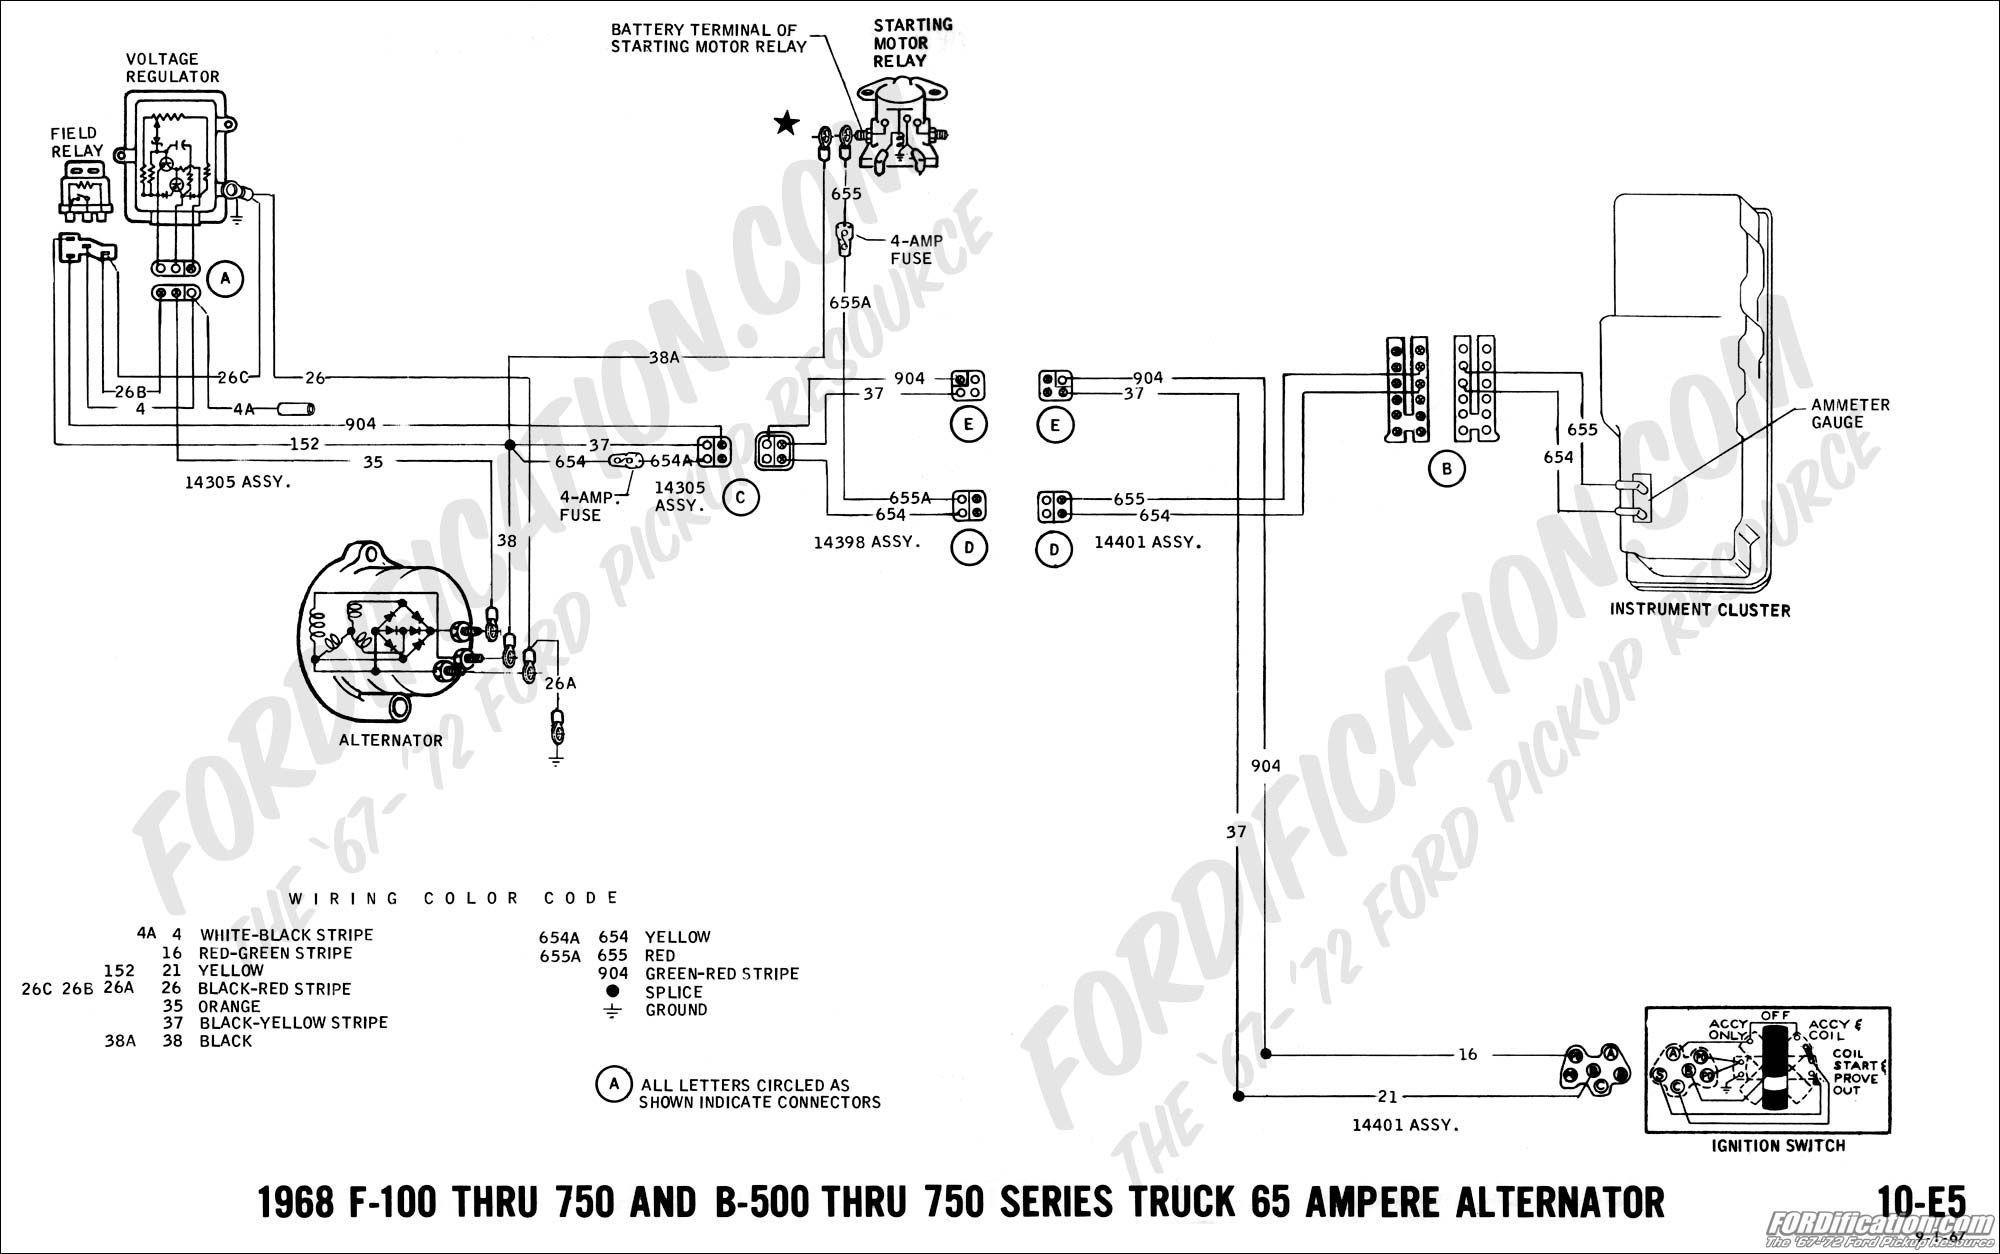 Kubota 7800 Wiring Diagram Pdf - Data Wiring Diagram Schematic - Kubota Wiring Diagram Pdf